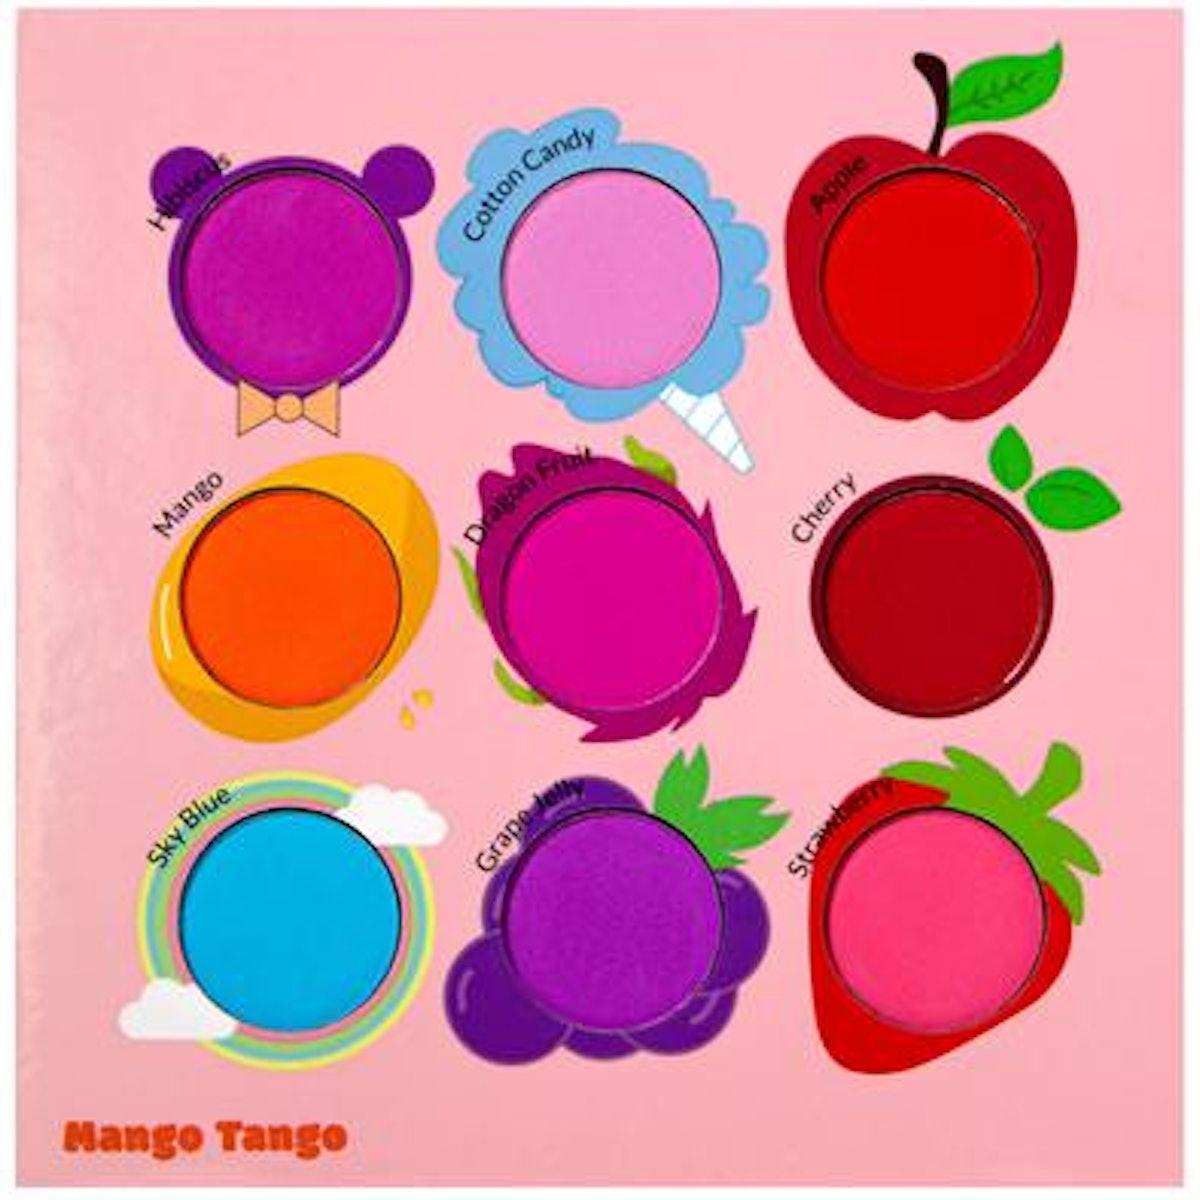 Juicy Nine 02 - Mango Tango